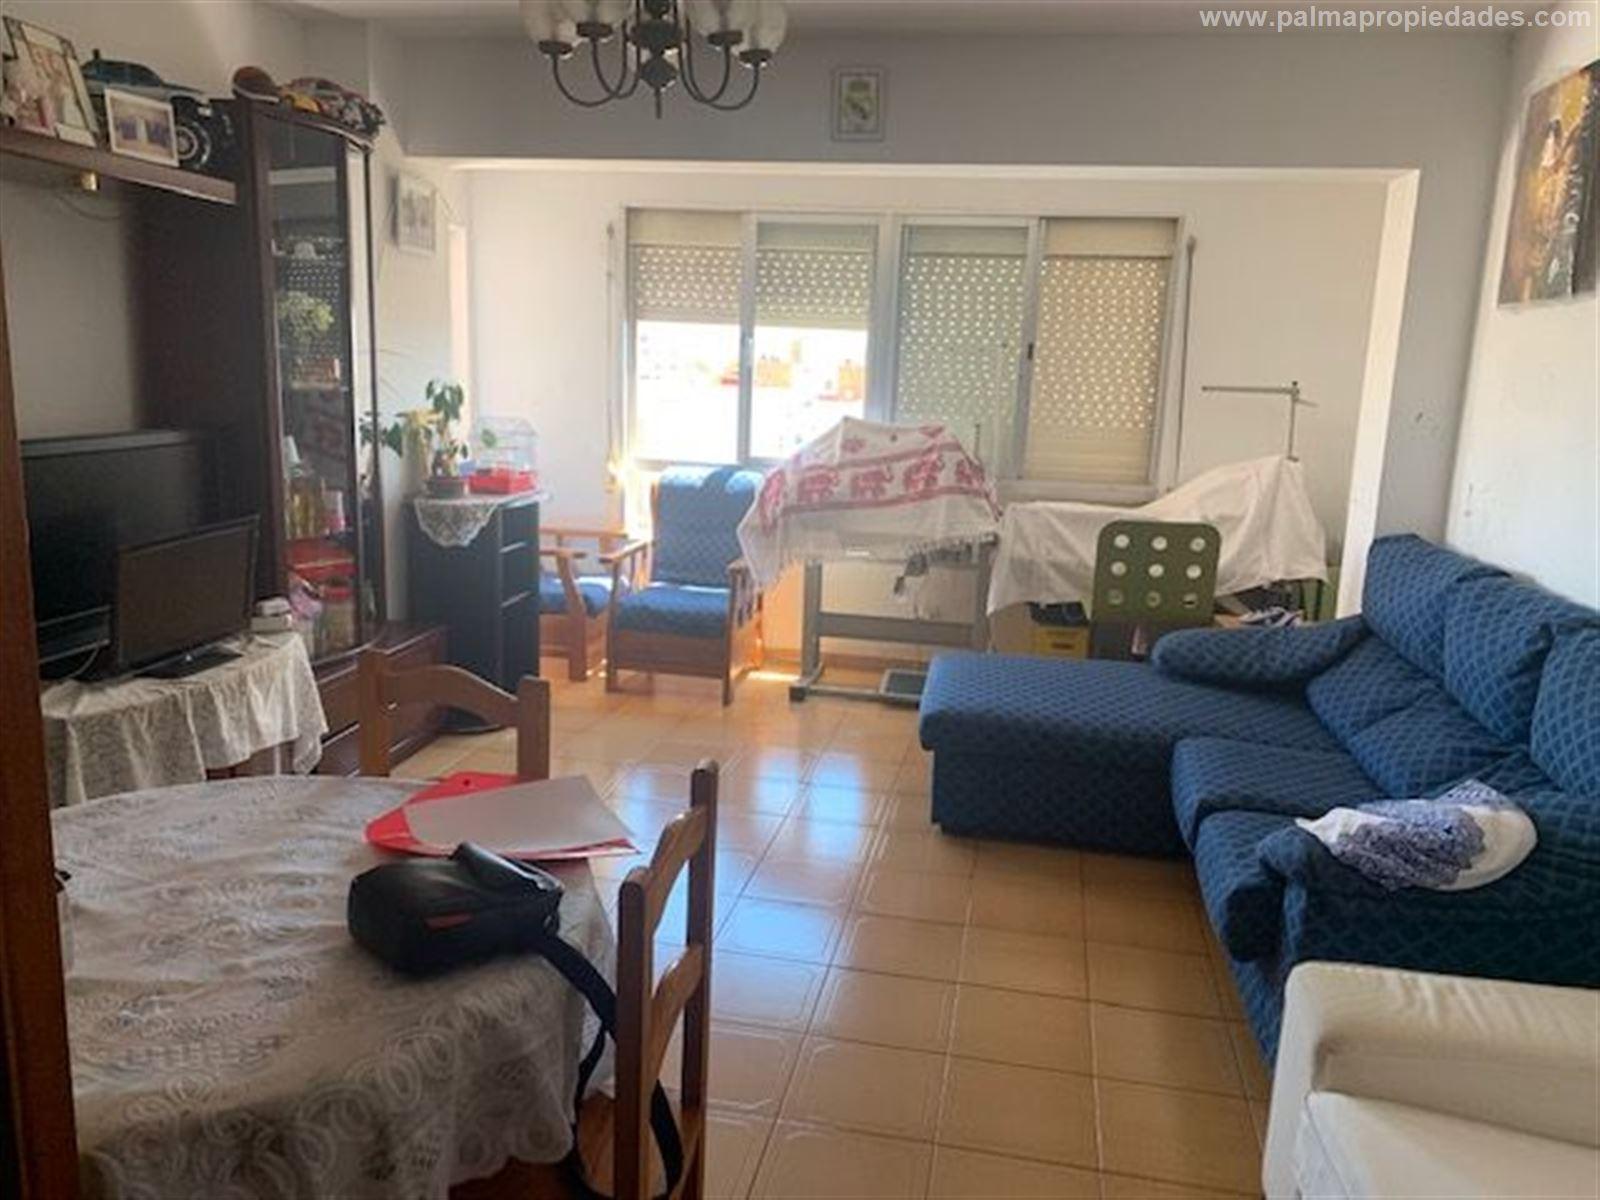 PISO. PALMA DE MALLORCA , area CALLE MANACOR